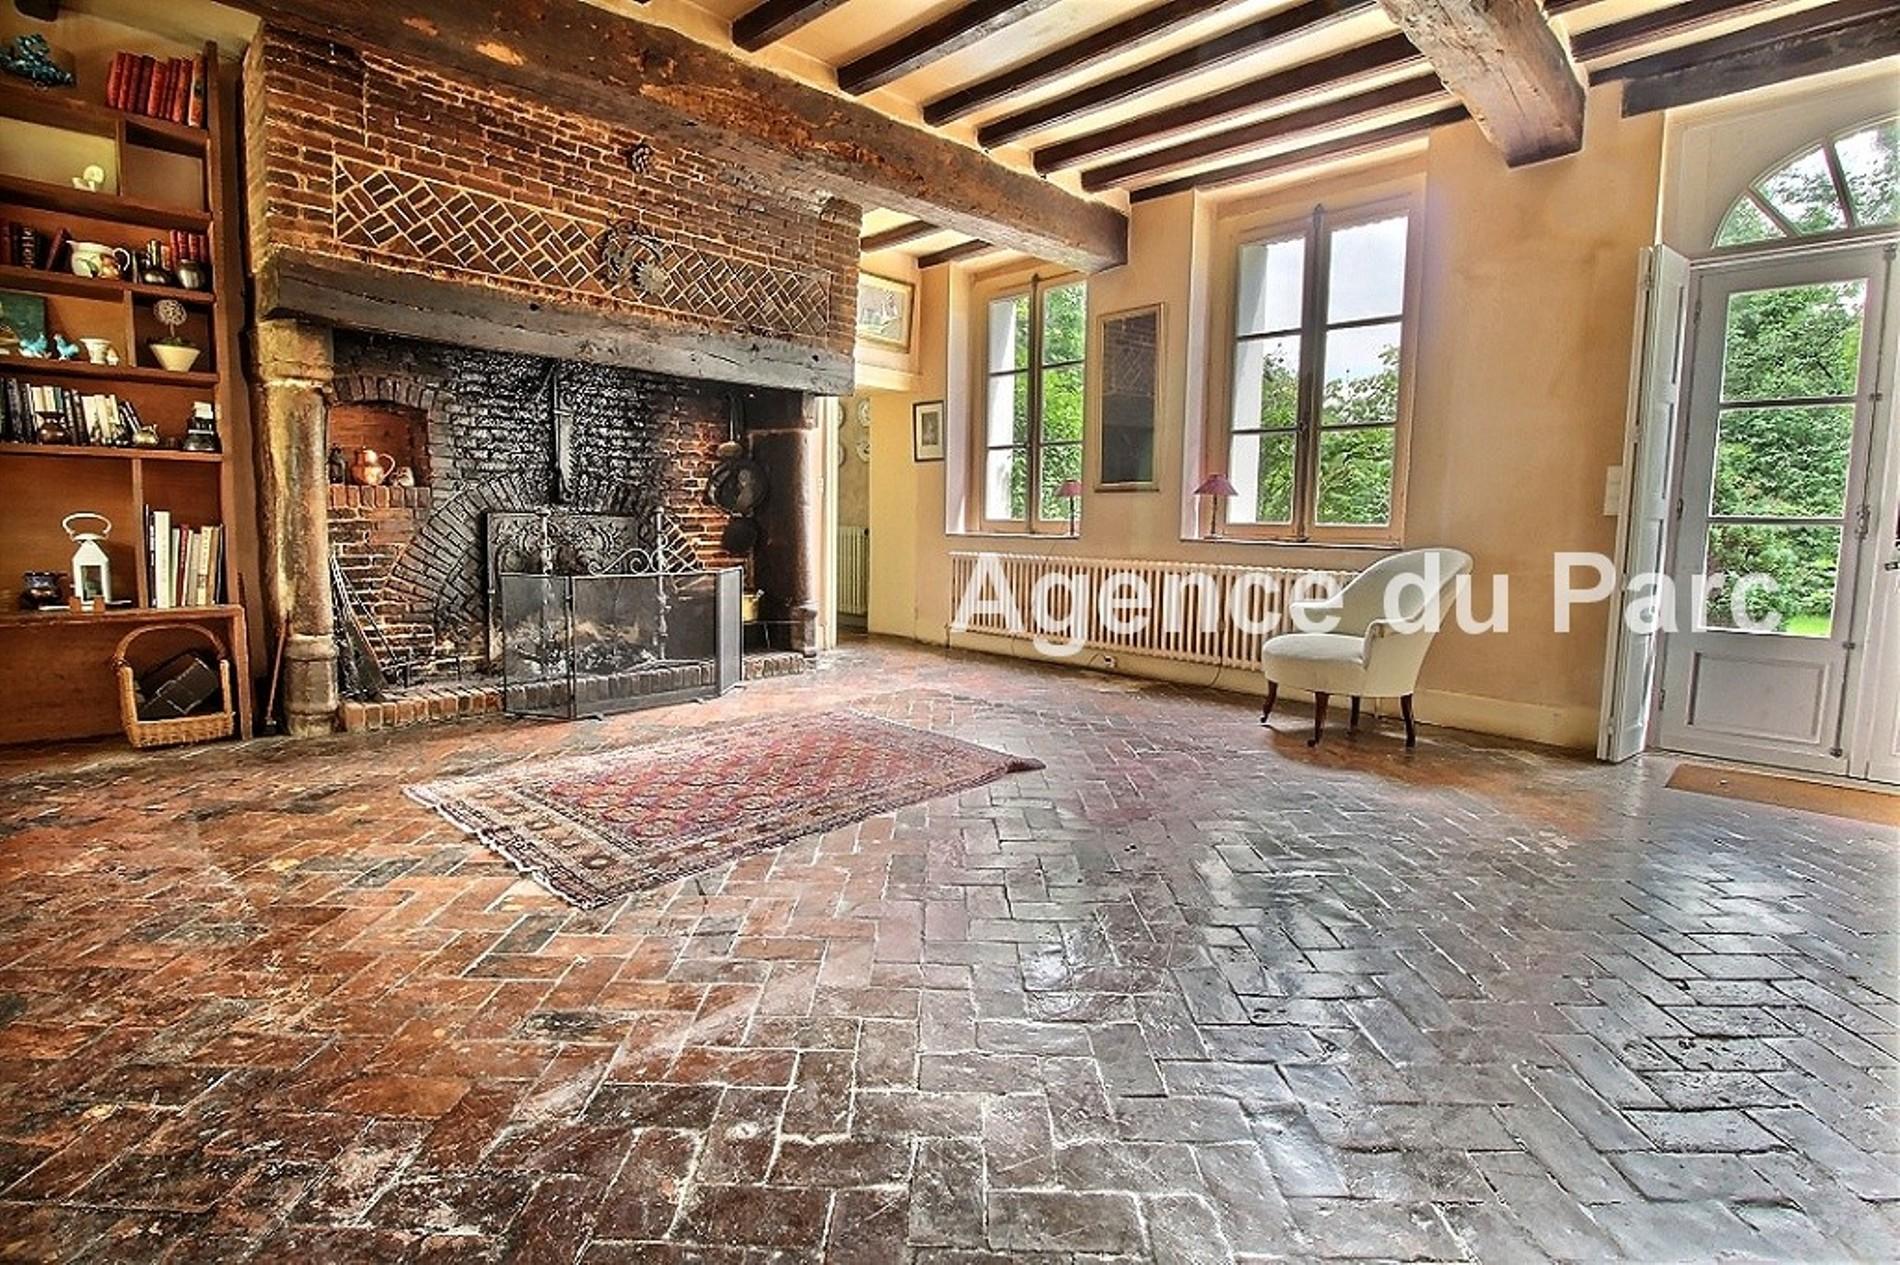 Acheter achat d 39 un manoir normand du xvii me en briques et for Acheter une maison en normandie bord de mer